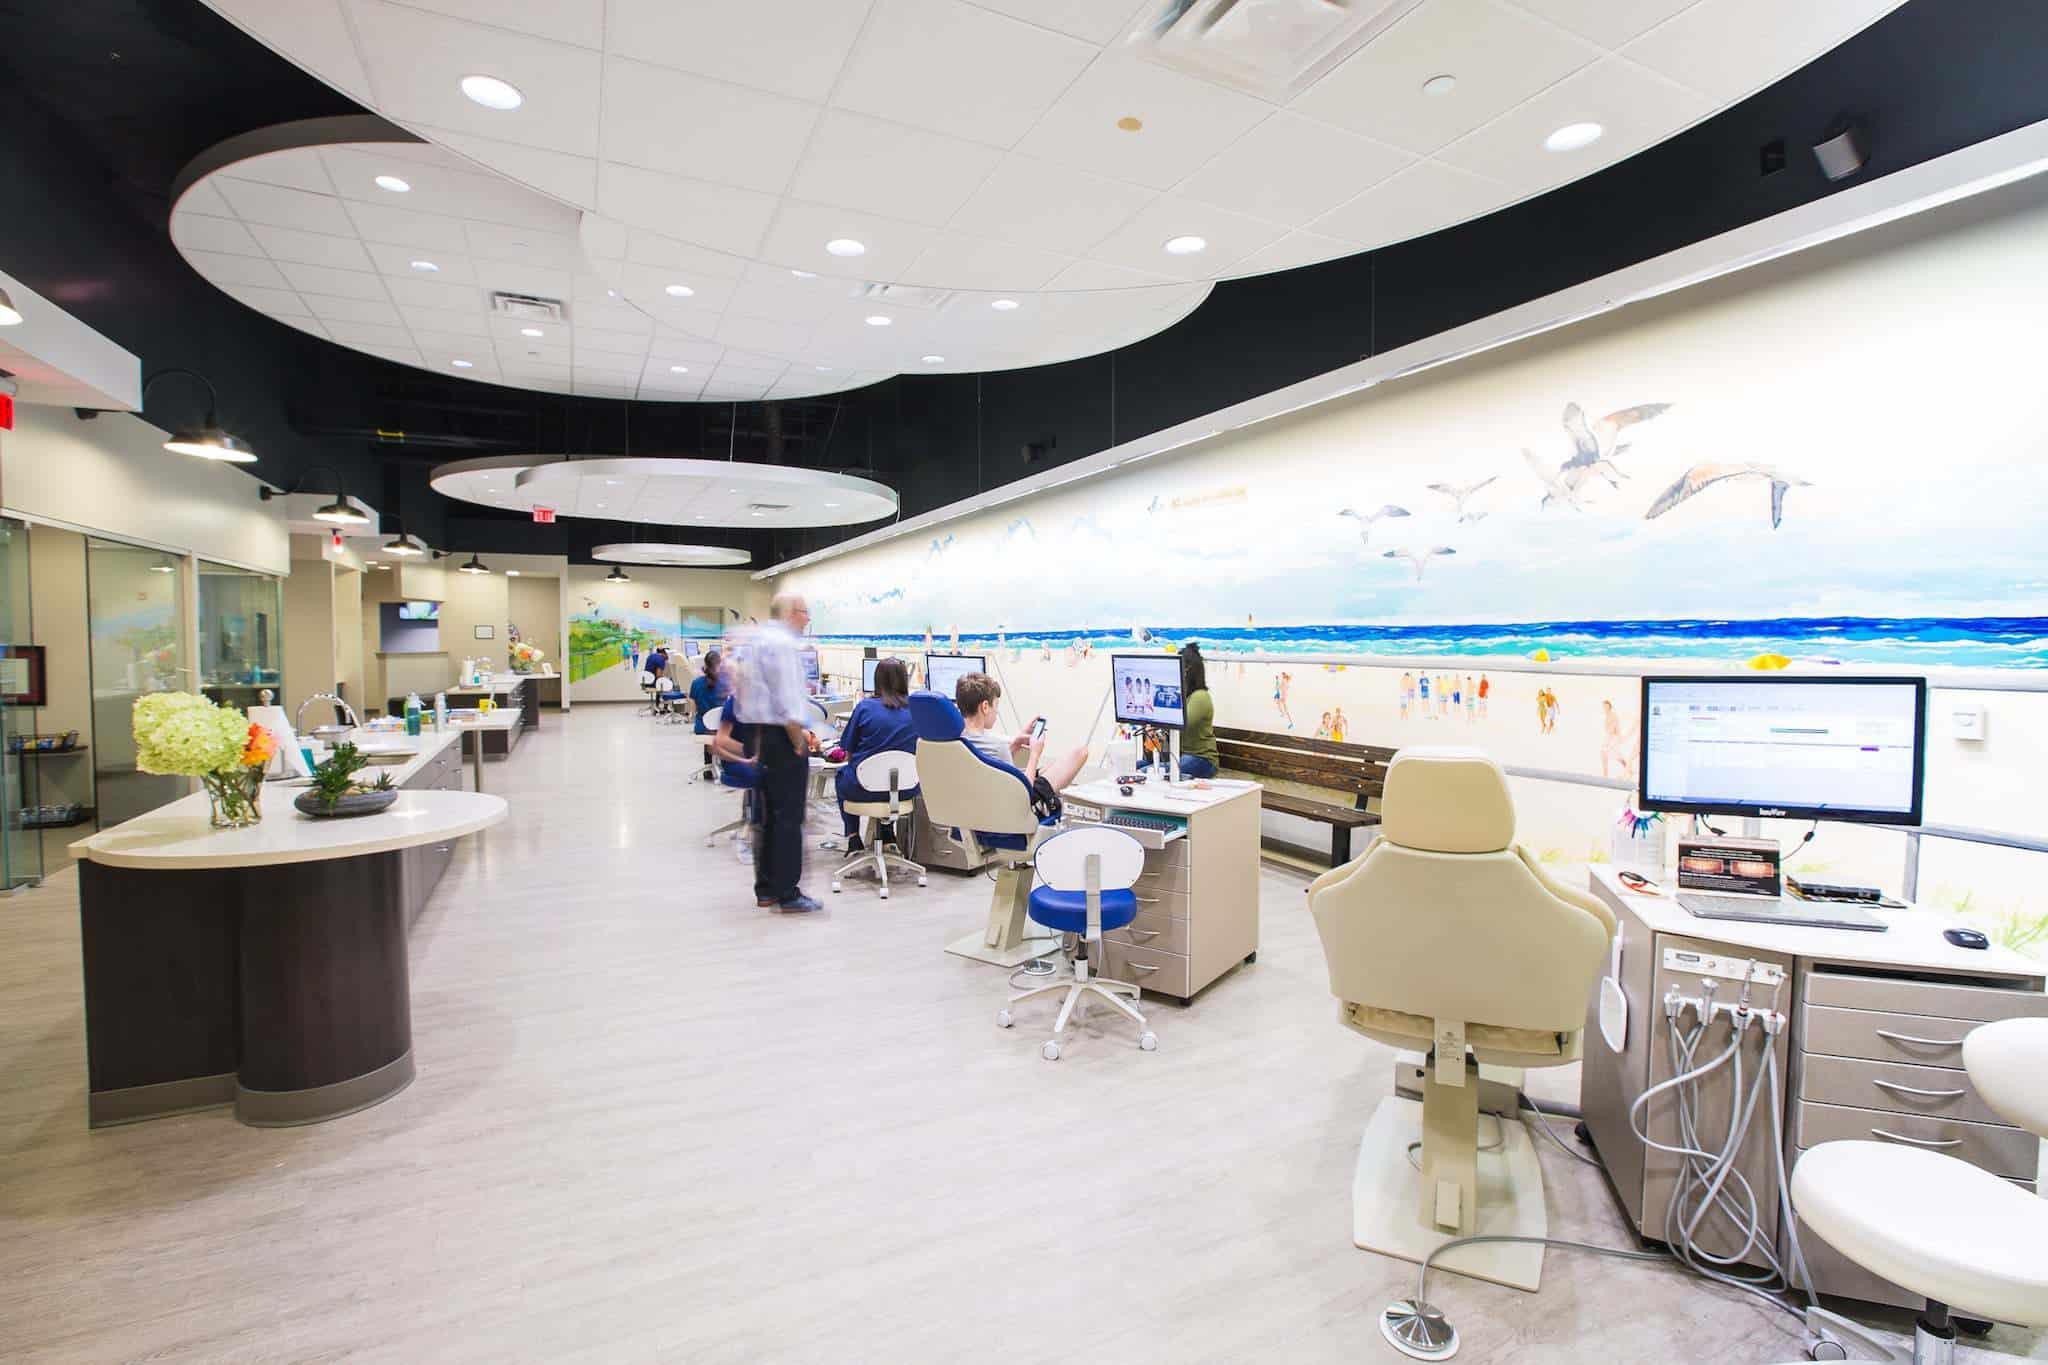 Appel Orthodontics Philadelphia Orthodontics Dr. Appel 14 1 - Grand Reopening FAQ